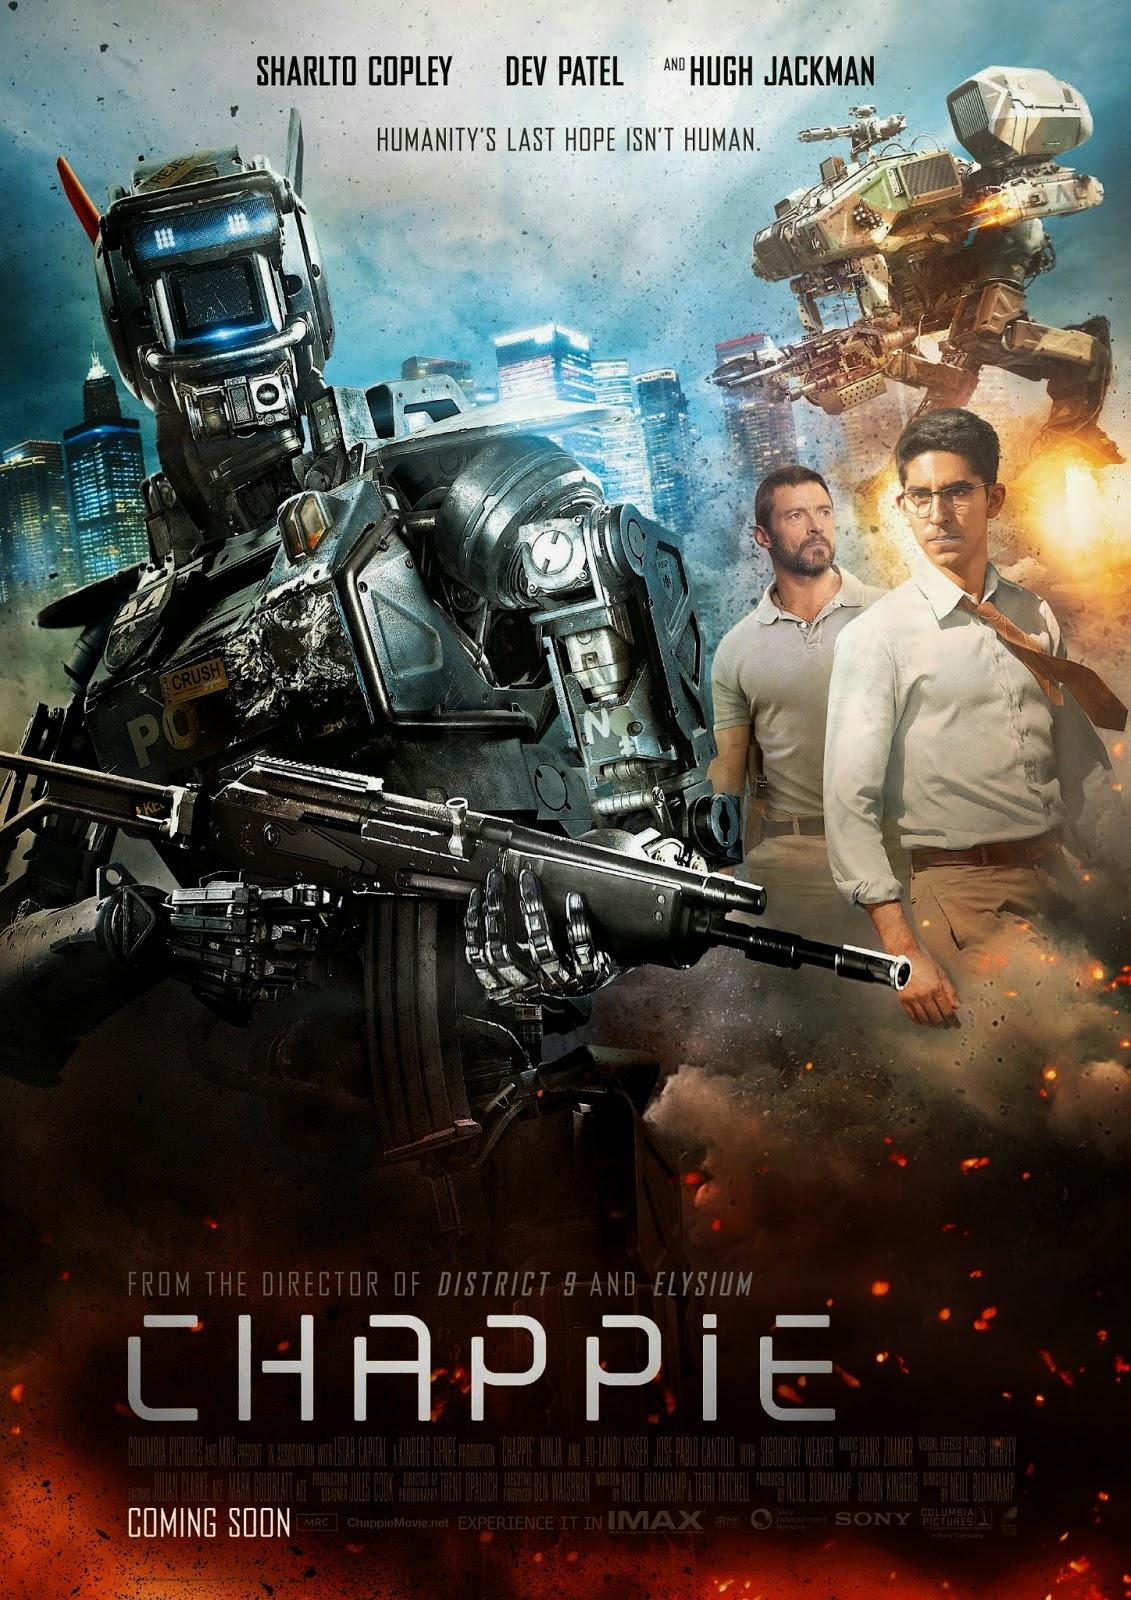 Chappie (2015) แชปปี้ จักรกลเปลี่ยนโลก [HD][พากย์ไทย]